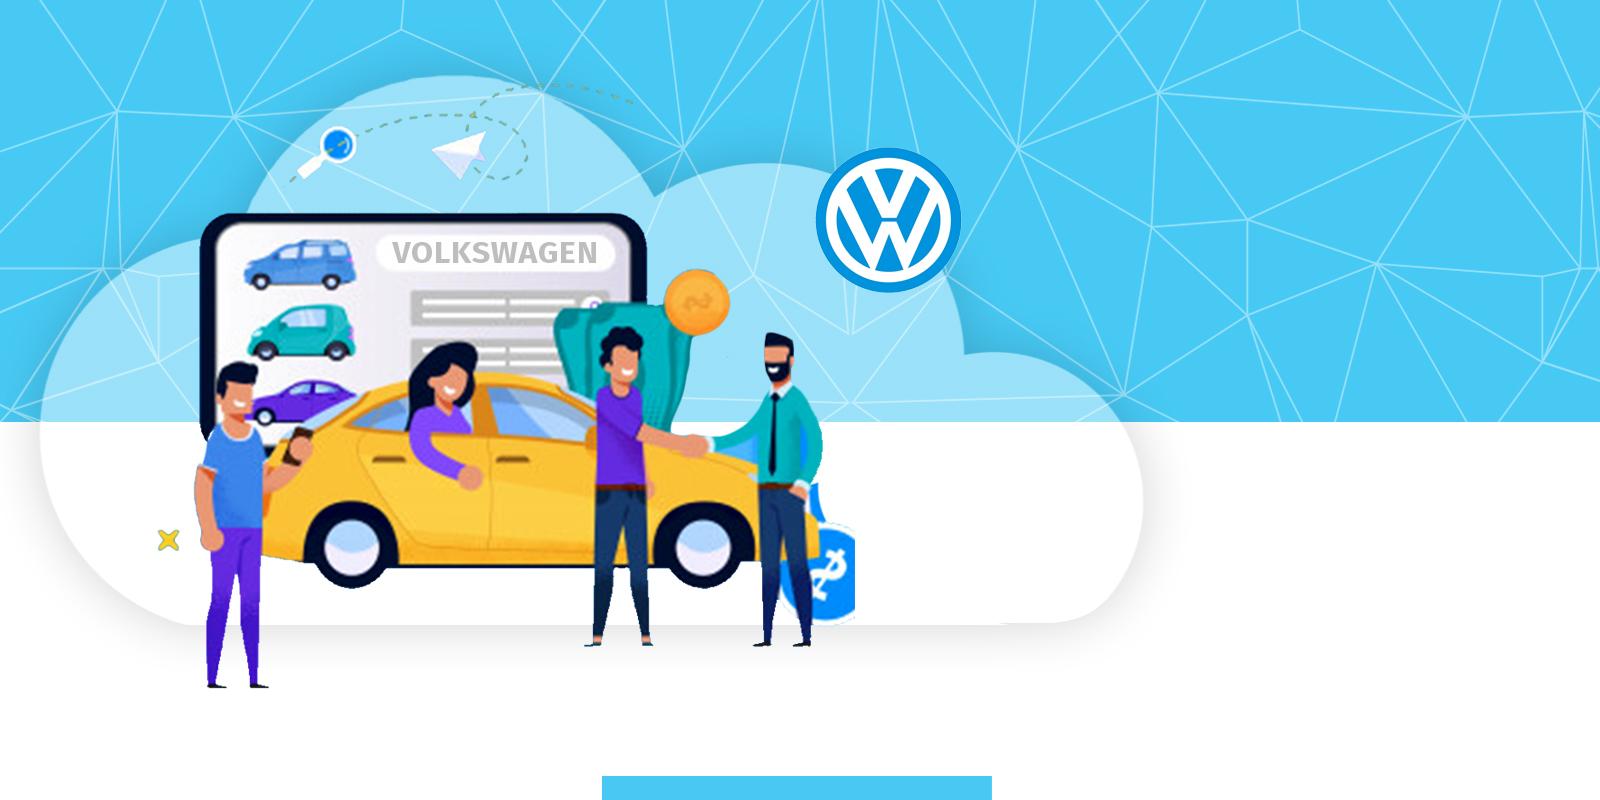 volkswagen-bionic-facebook